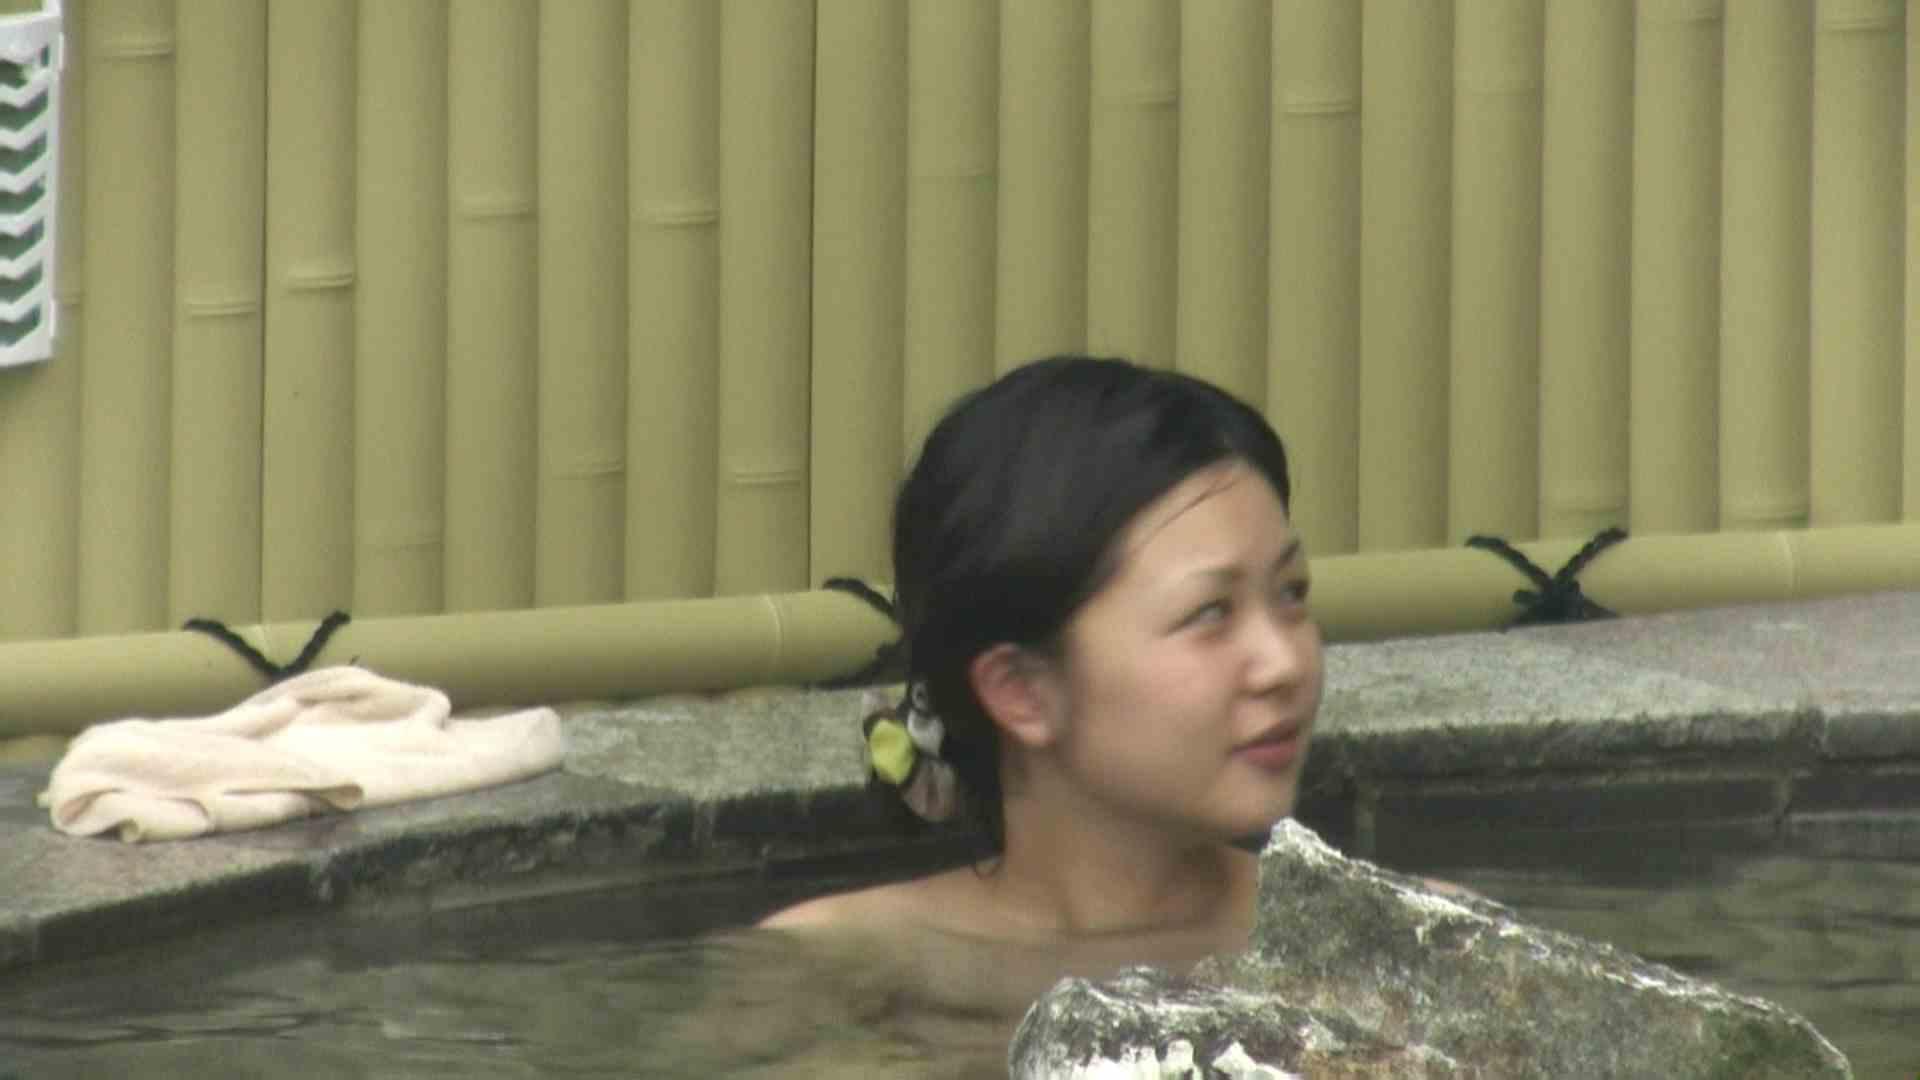 高画質露天女風呂観察 vol.032 ギャル入浴 SEX無修正画像 101連発 40